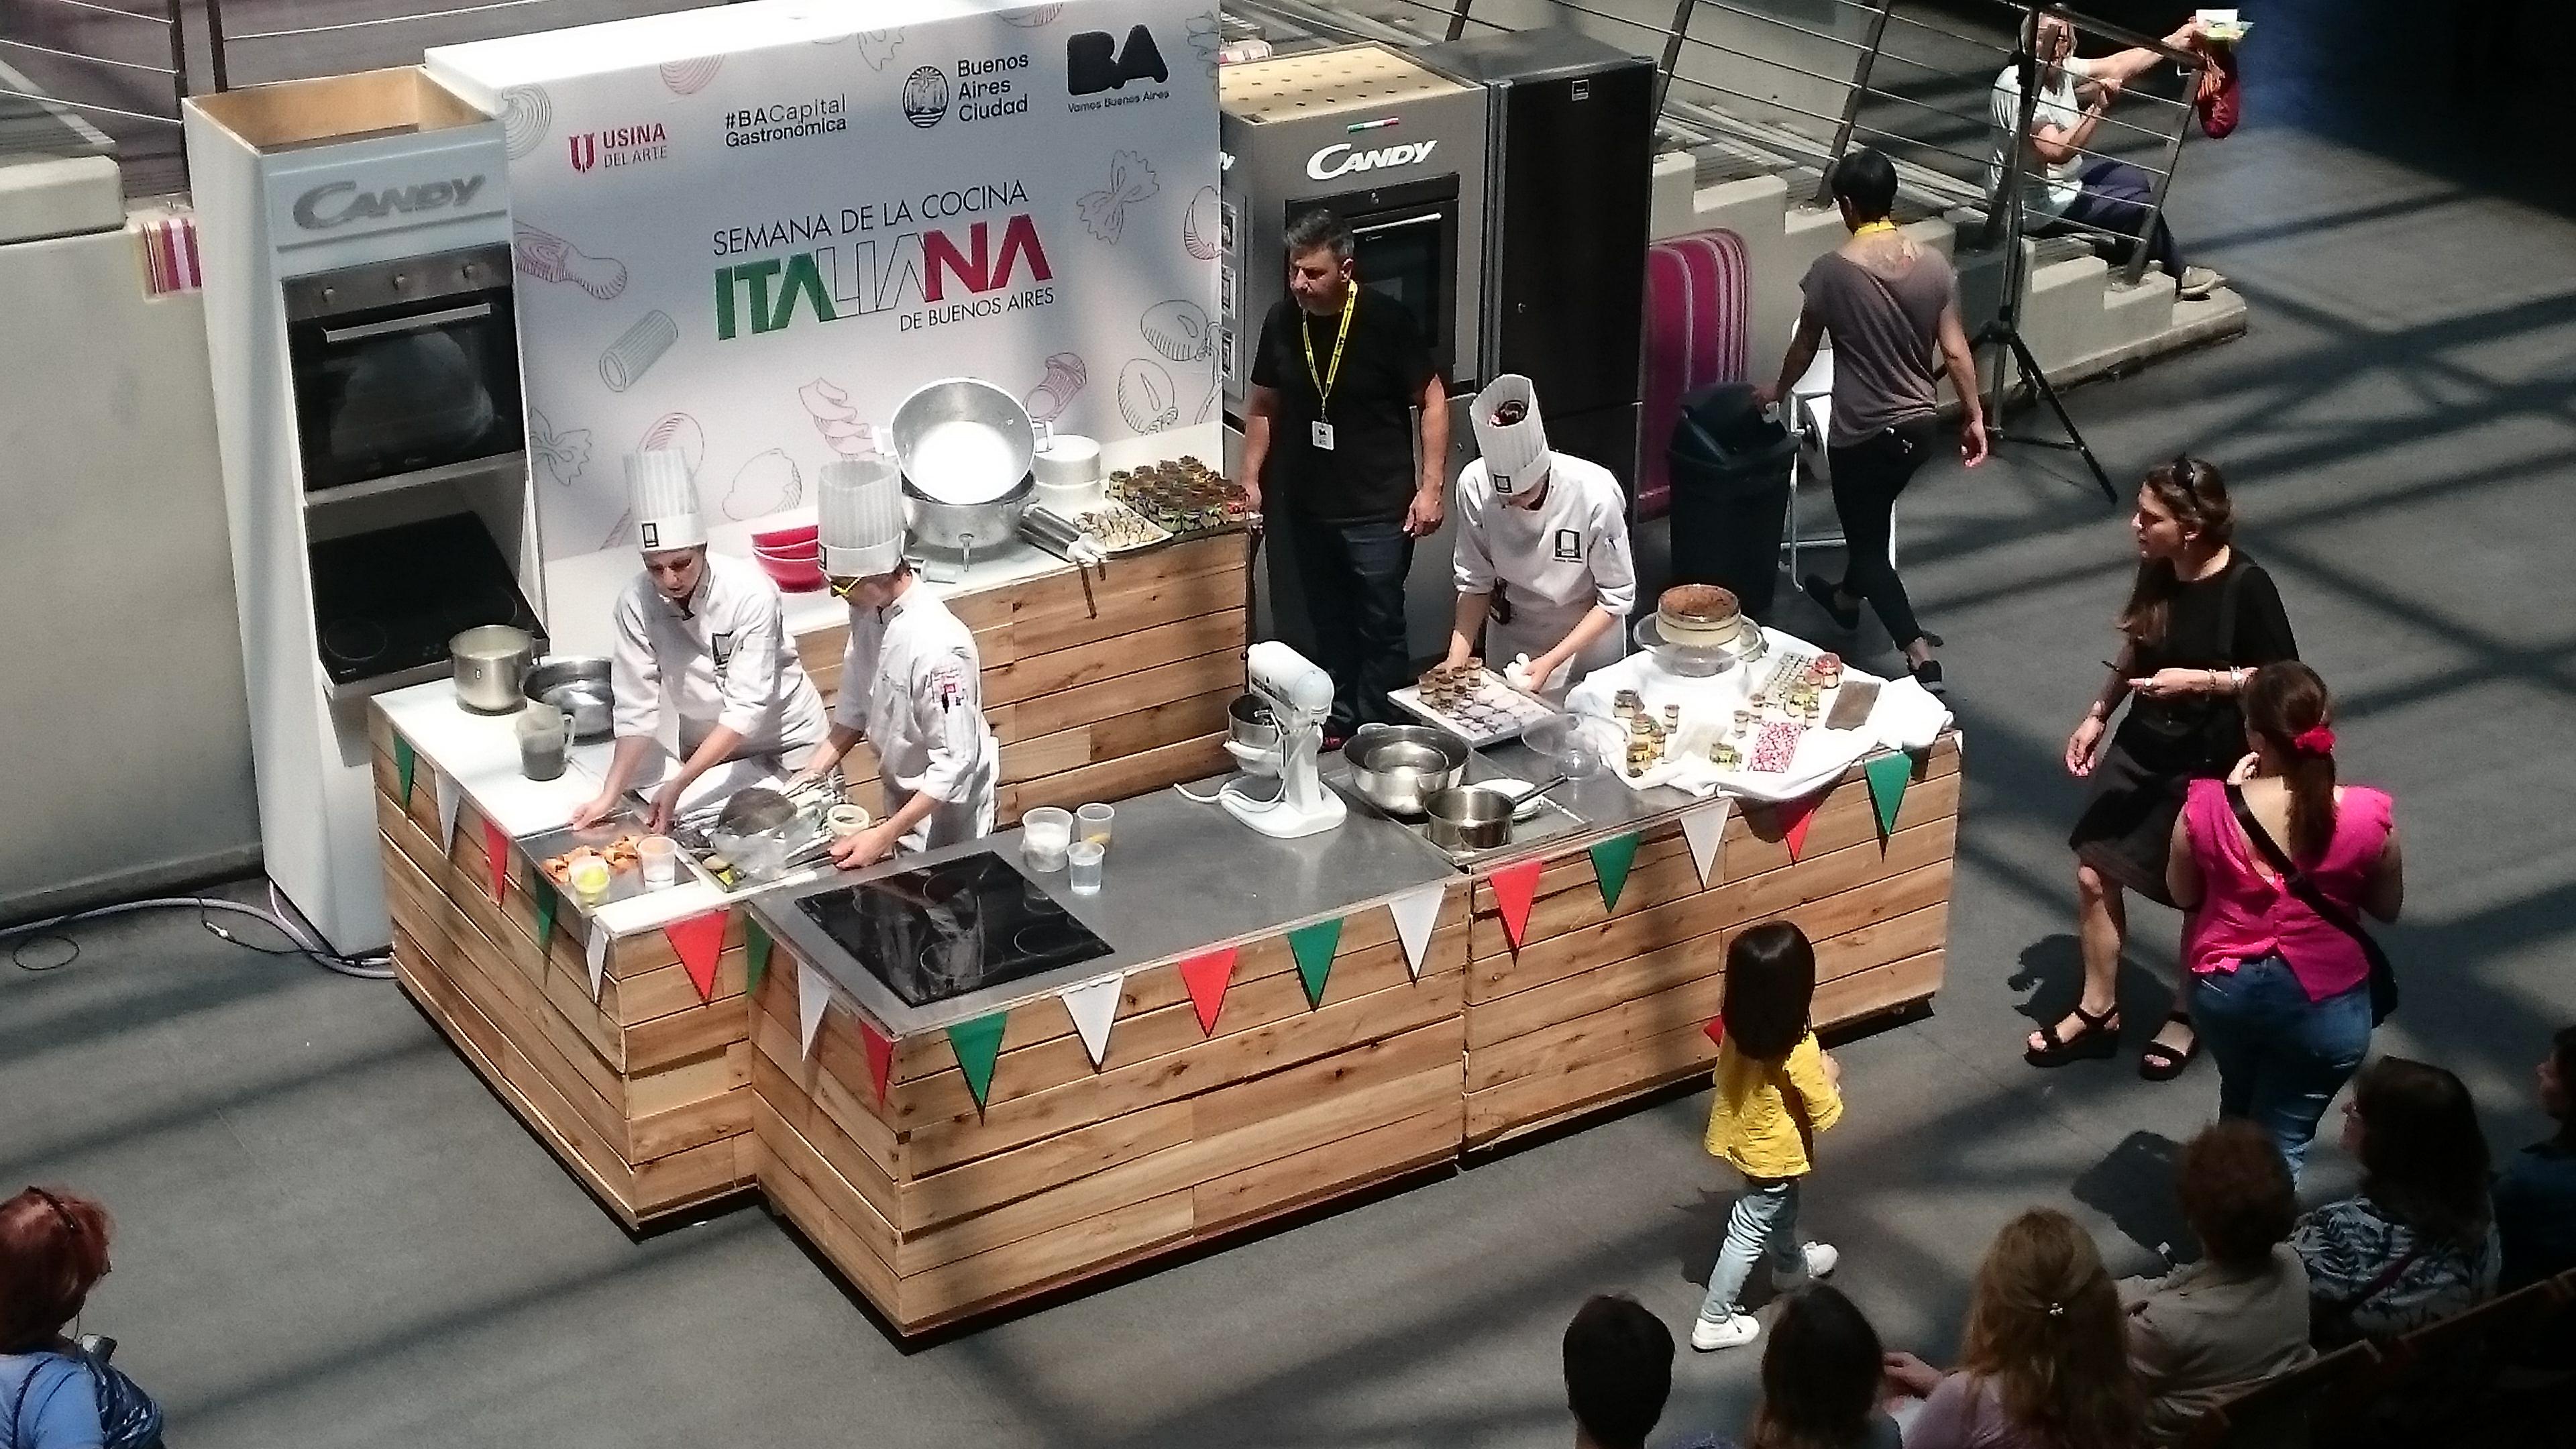 El gran cierre de la Semana de la Cocina Italiana en Buenos Aires.